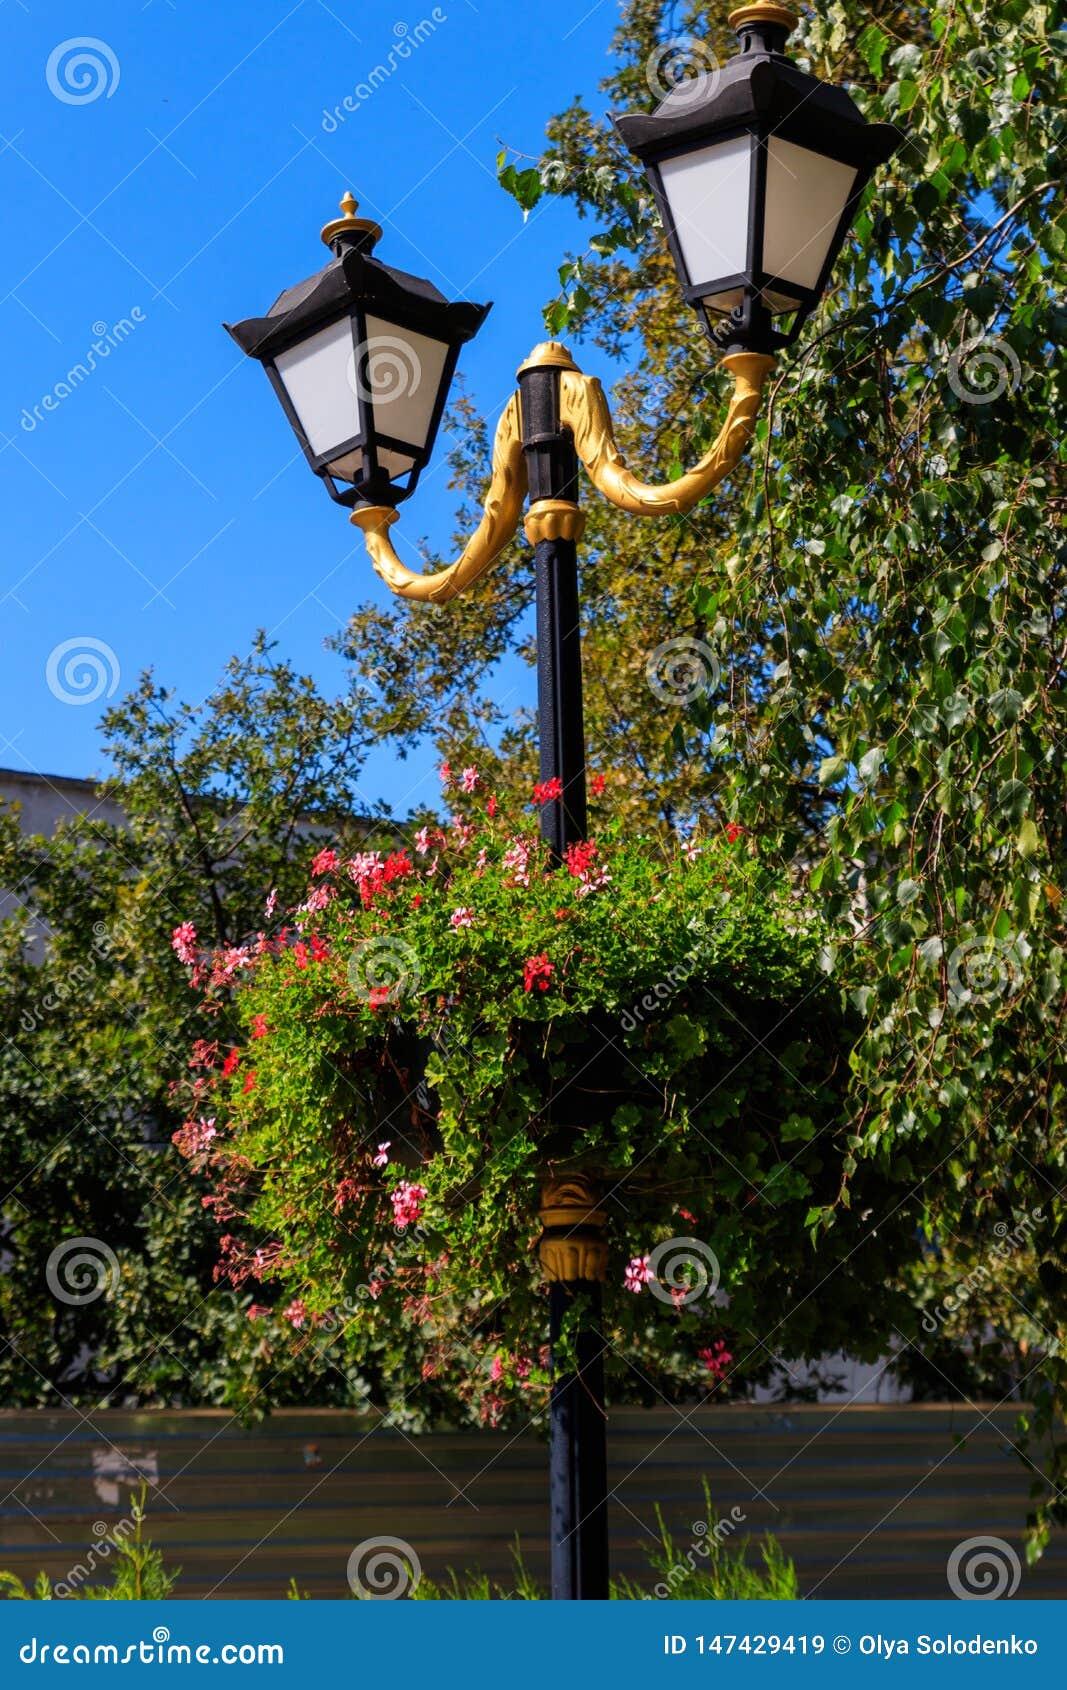 Street lantern decorated with geranium flowers in flowerpot